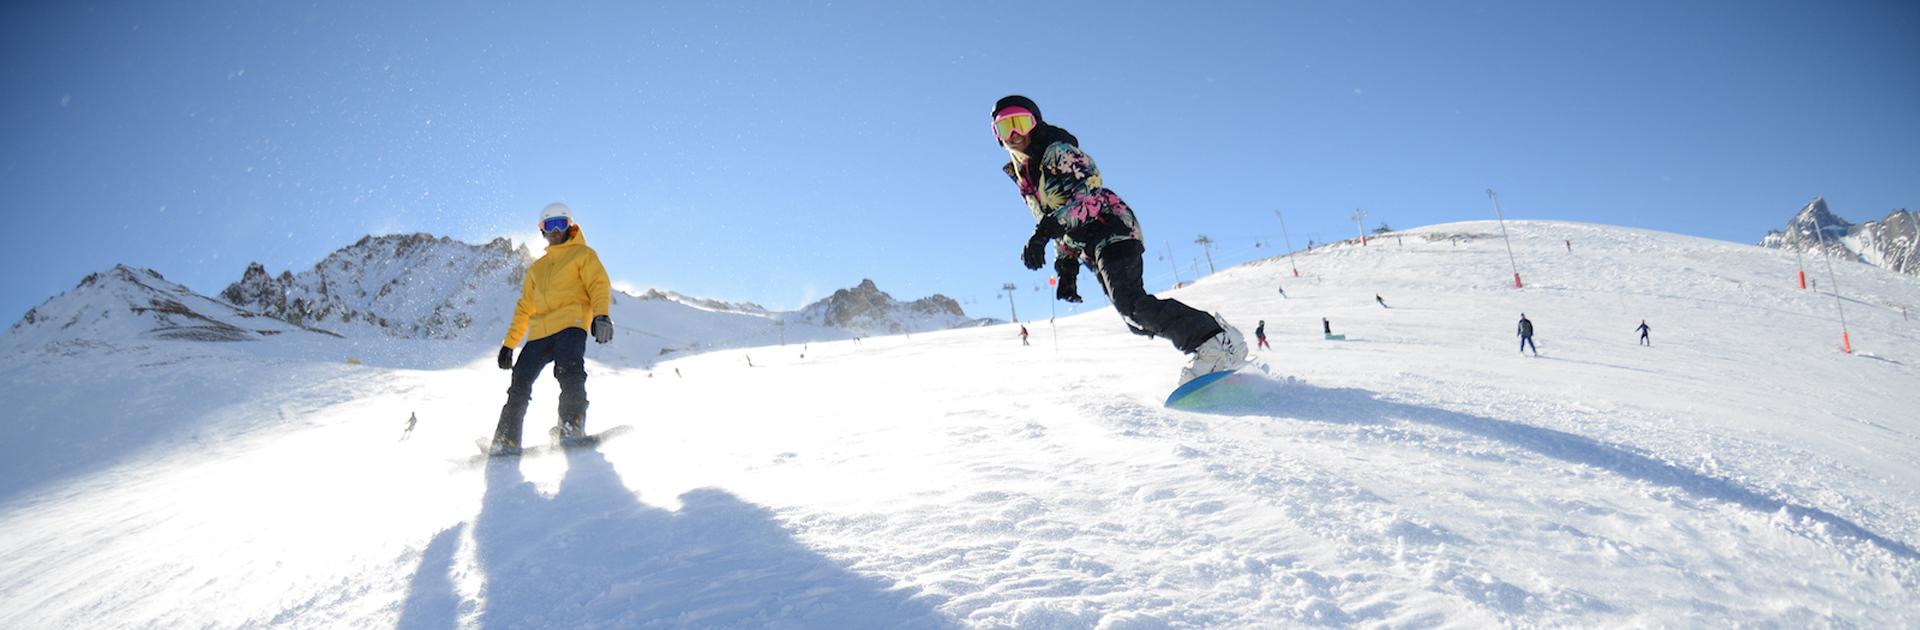 Este año, Las Leñas se preparó para que los viajeros disfruten de la nieve con distintas propuestas y atracciones, permitiendo una experiencia única desde lo más alto